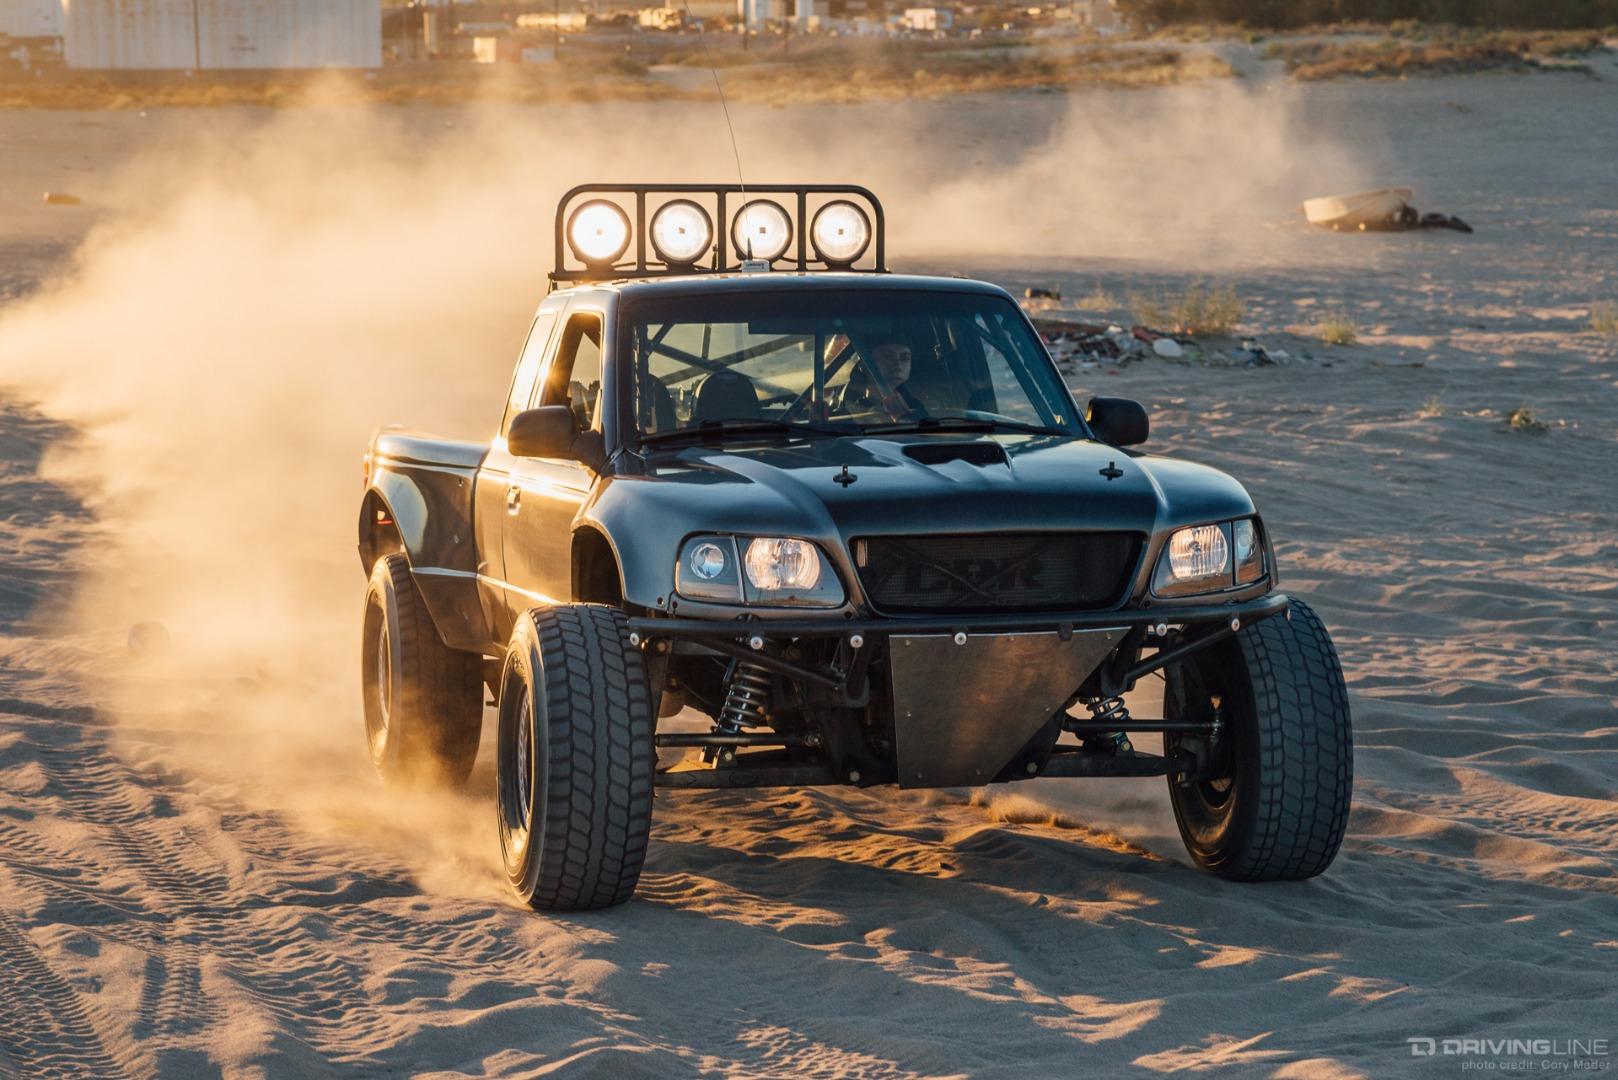 Ford Ranger Jdm : Jr s desert dominating ford ranger prerunner drivingline